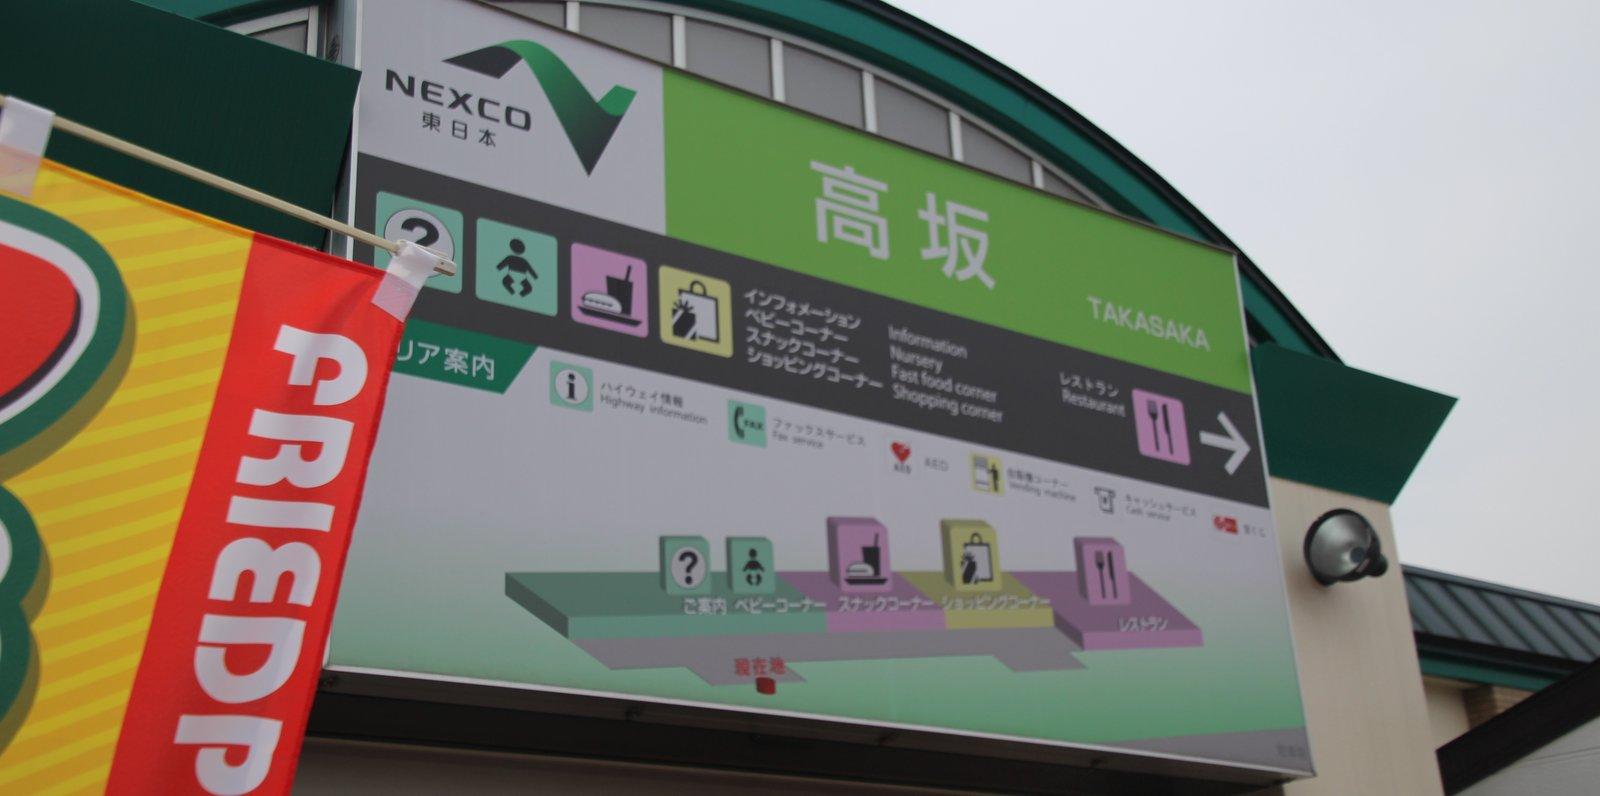 高坂SA(下り)(関越自動車道)